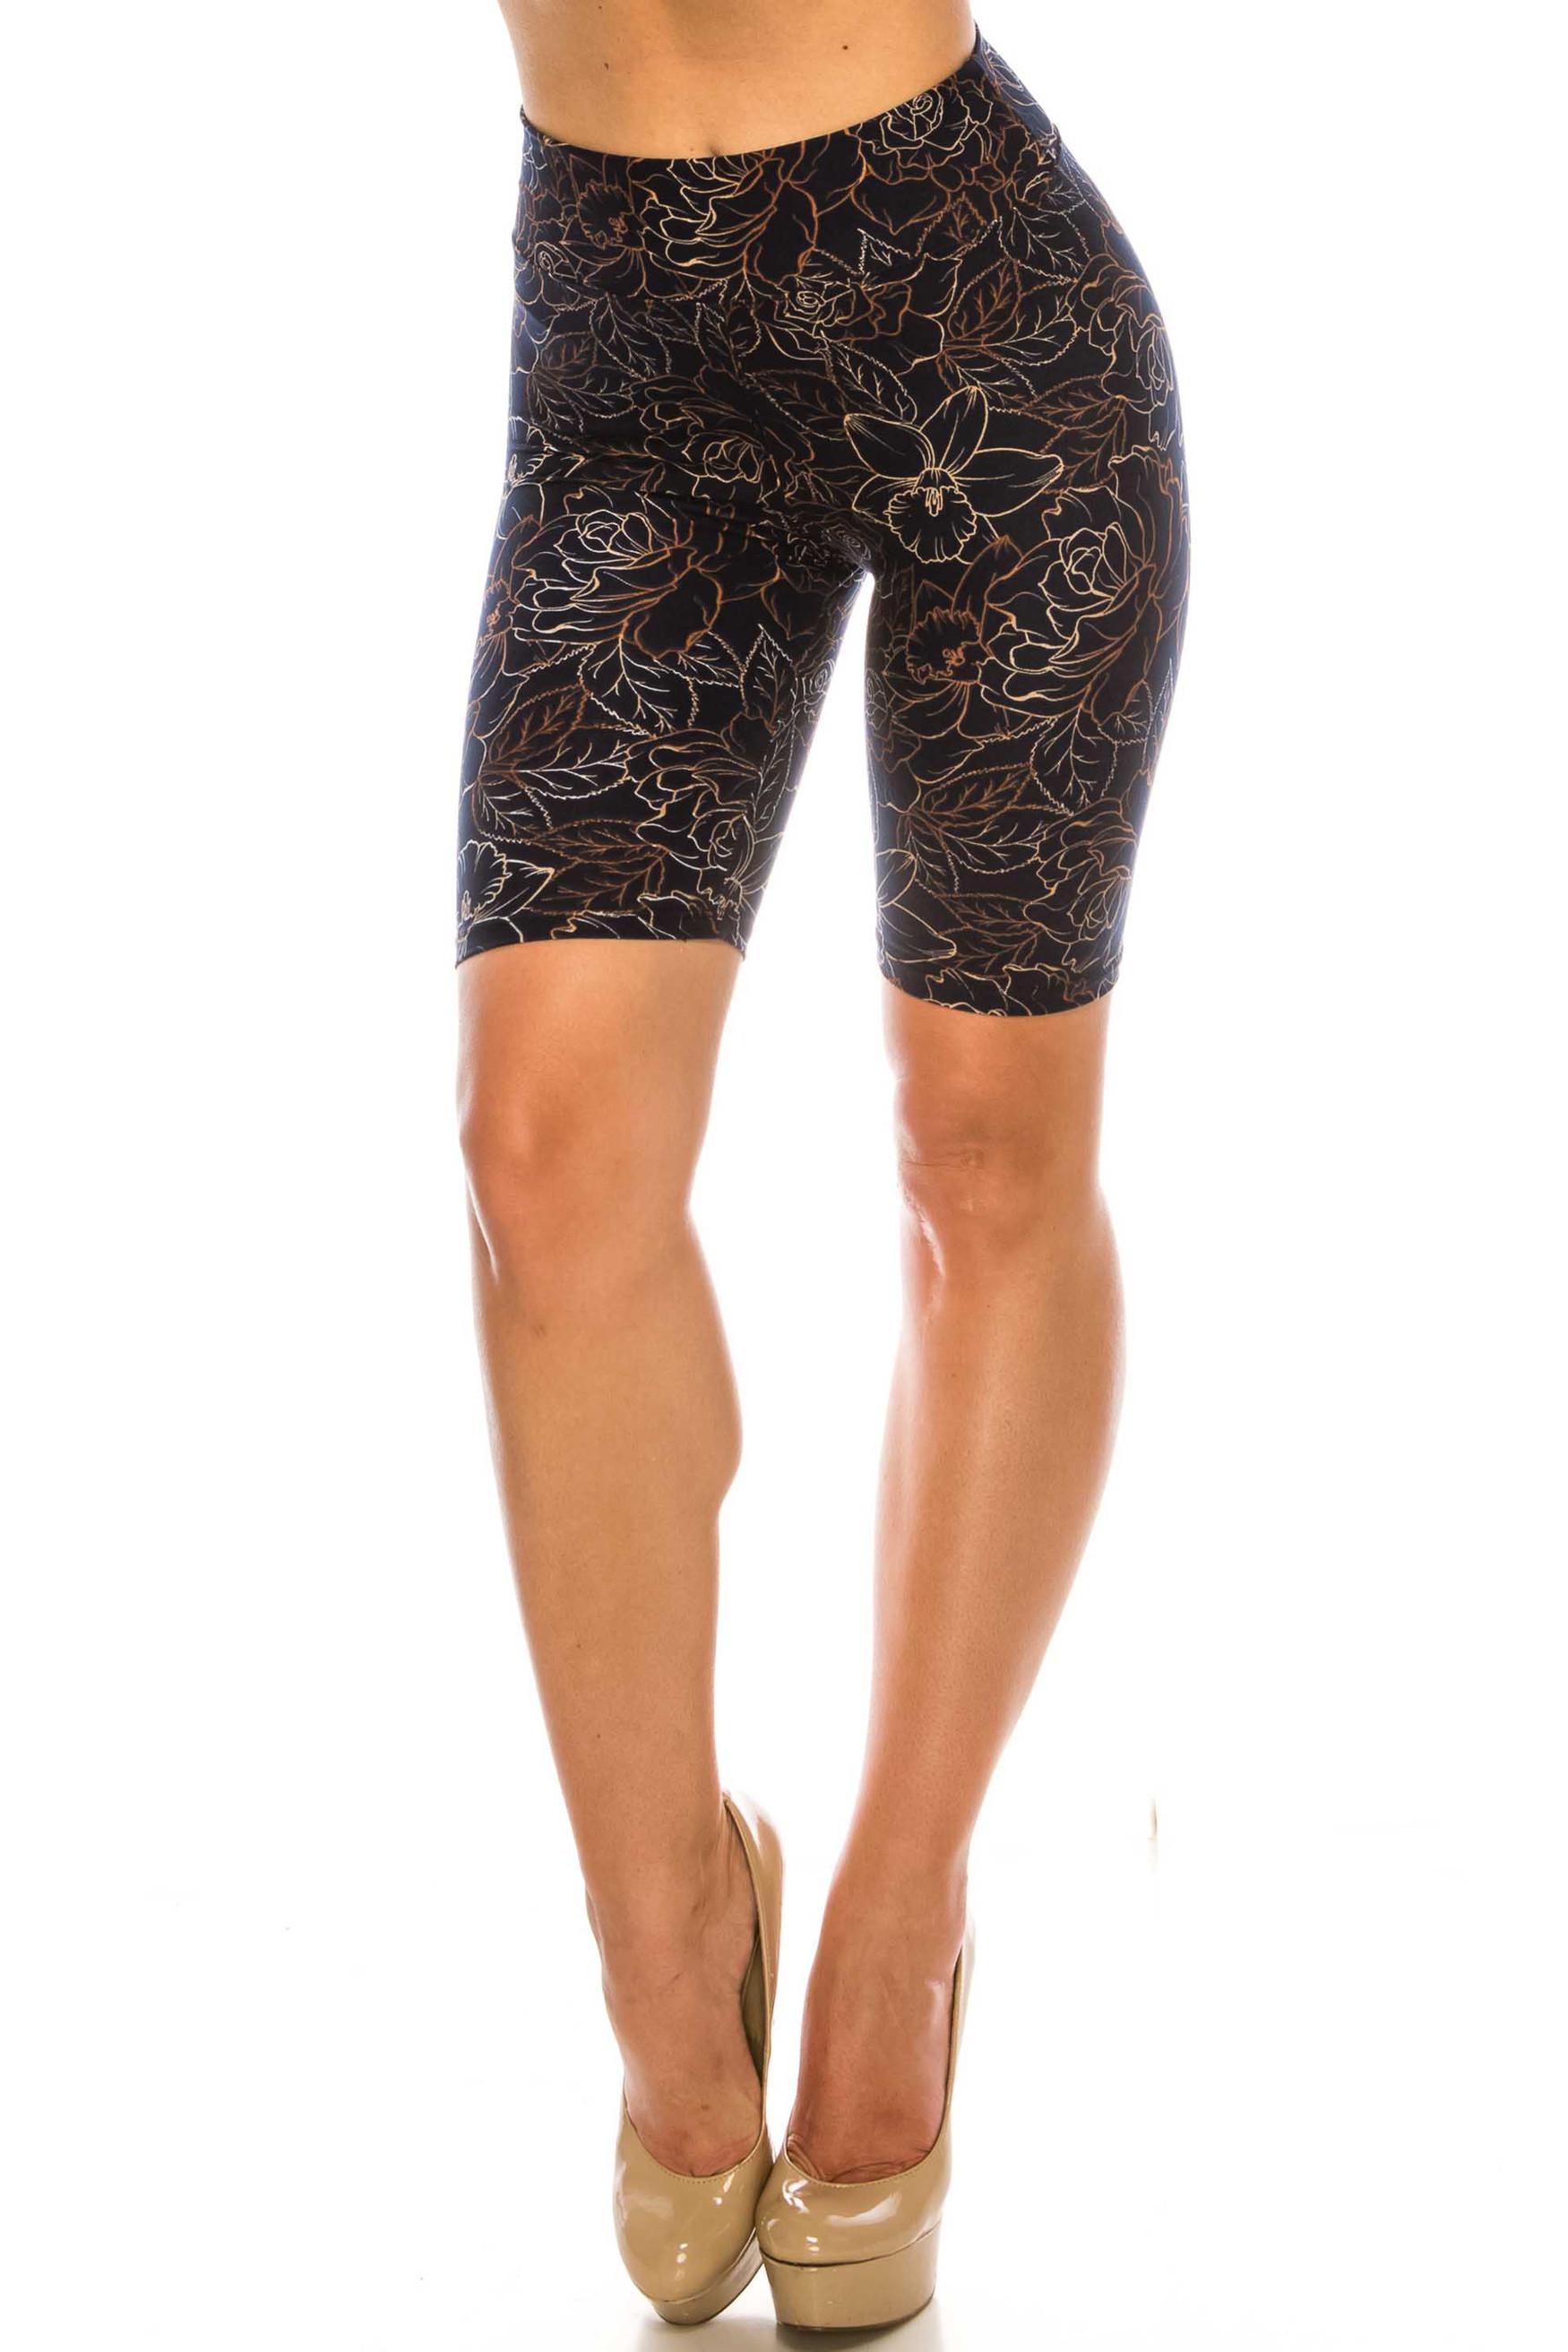 Black Floral Stencil Biker Shorts - 3 Inch Waist Band